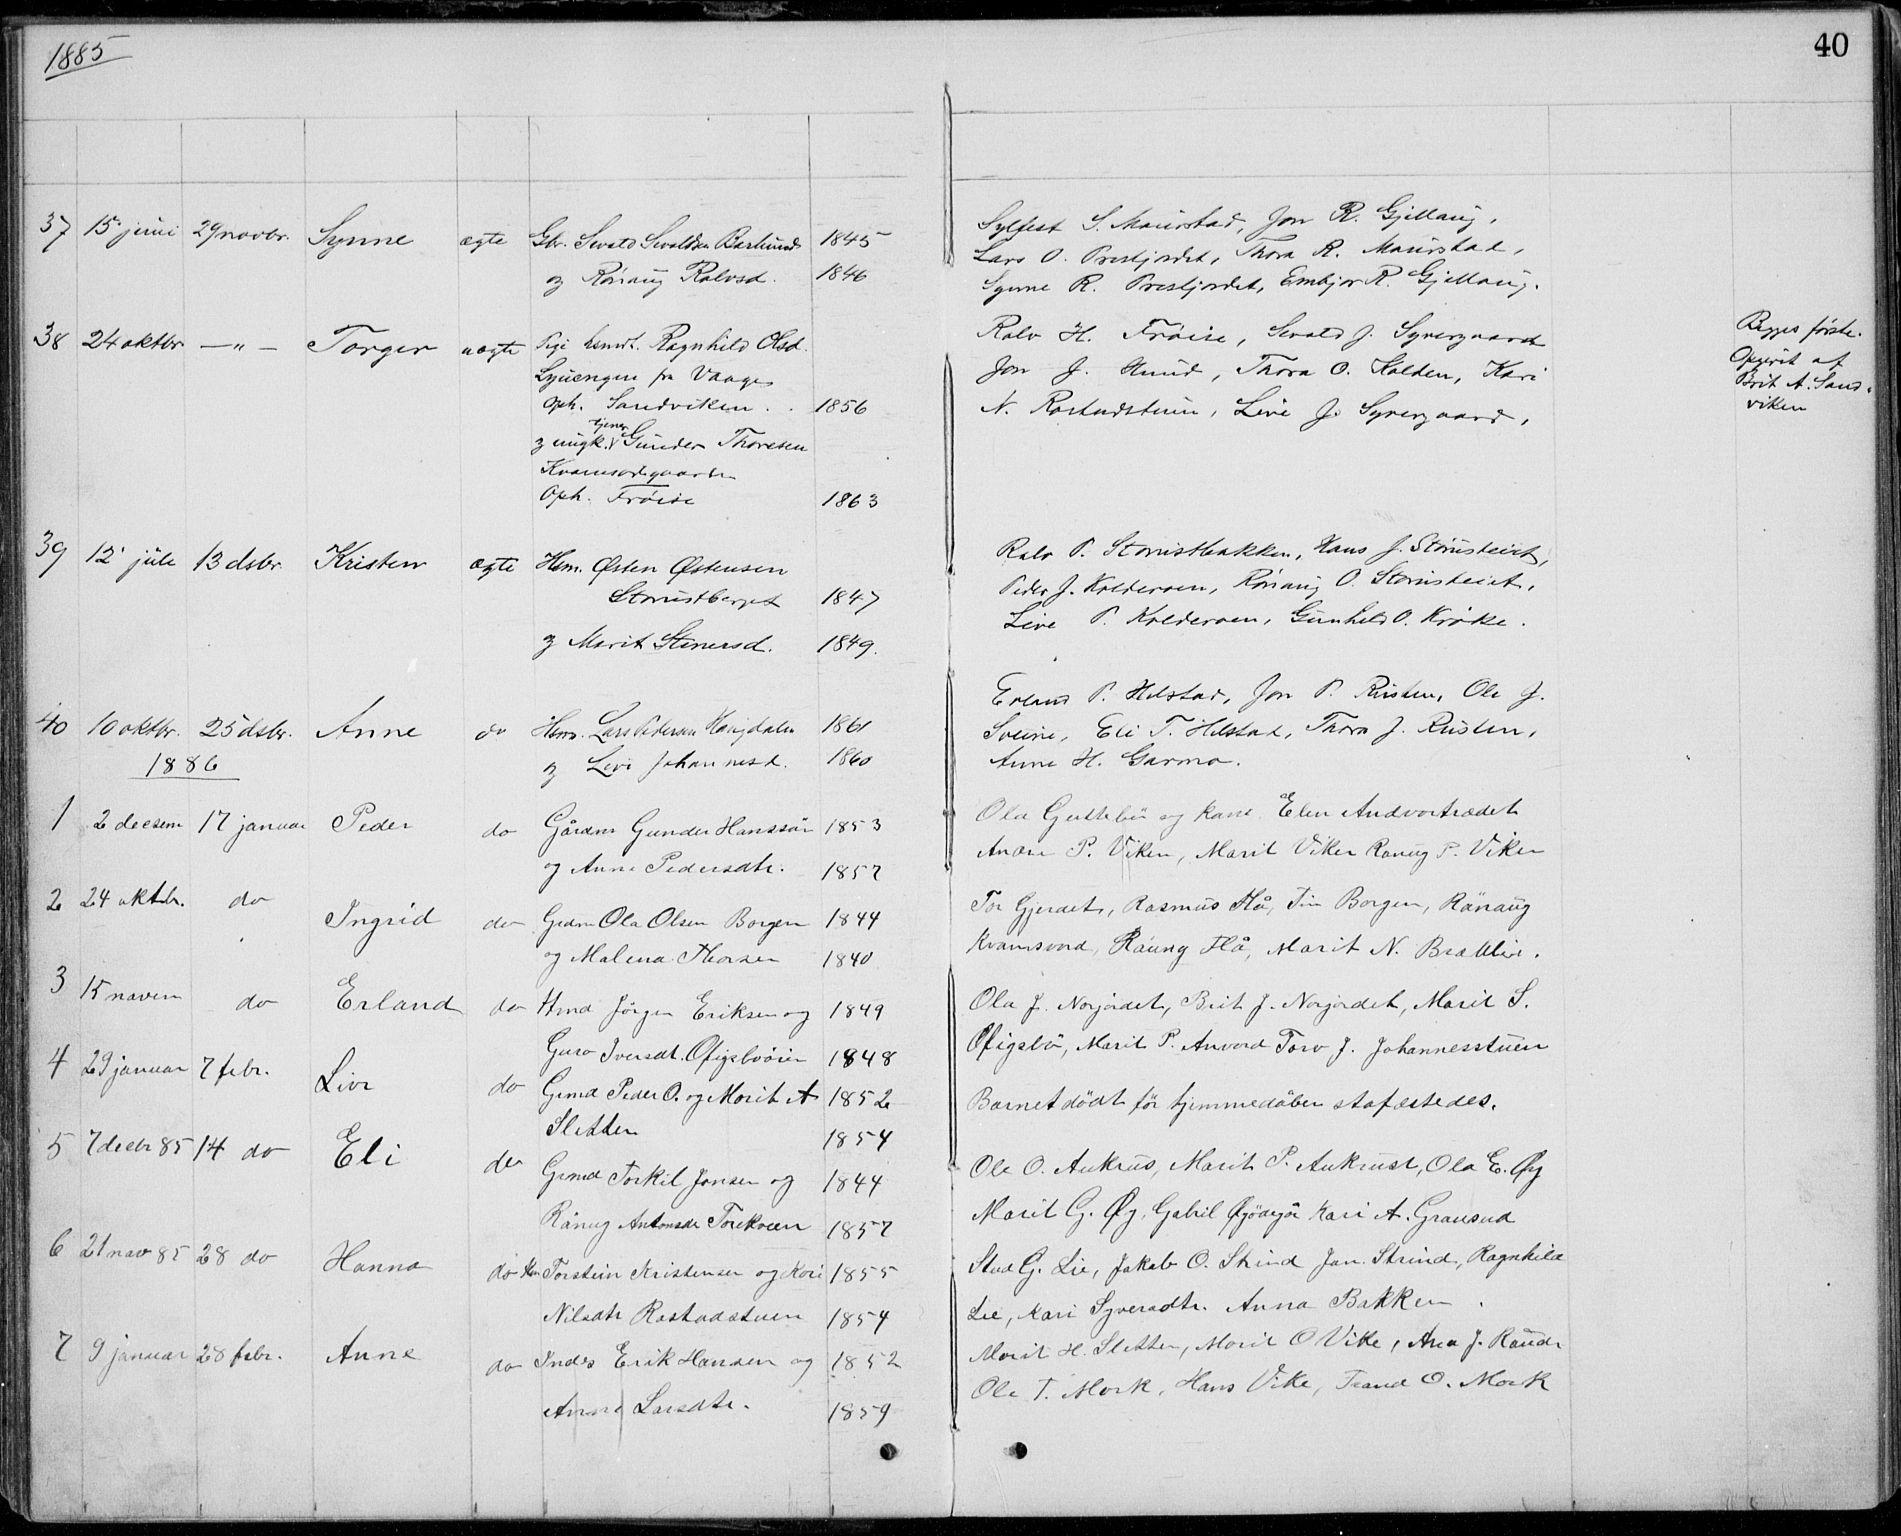 SAH, Lom prestekontor, L/L0013: Klokkerbok nr. 13, 1874-1938, s. 40